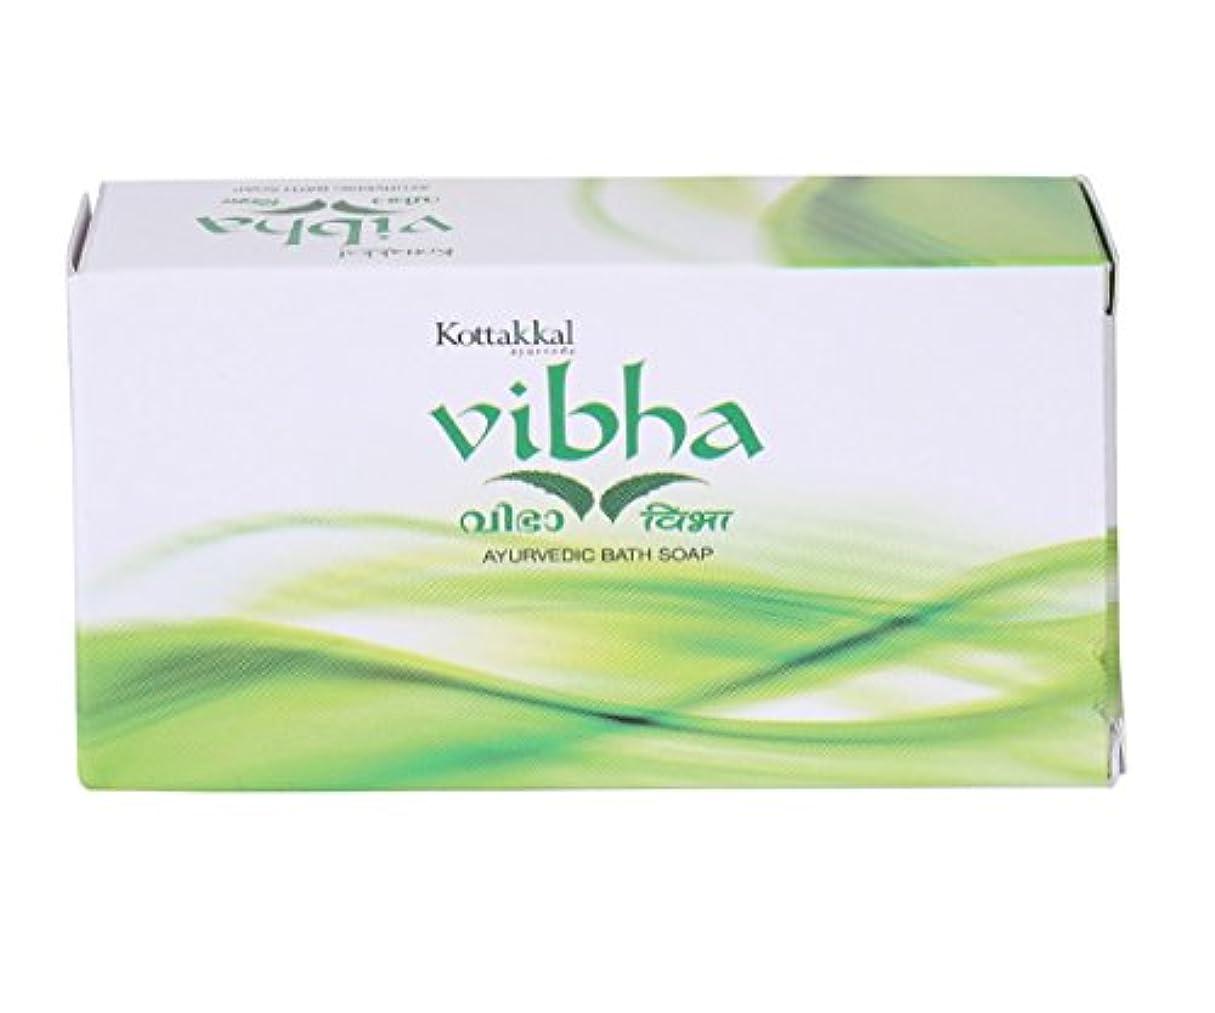 アラスカ偽造遮るArya Vaidya Sala Kottakkal Vibha Ayurvedic Bath Soap